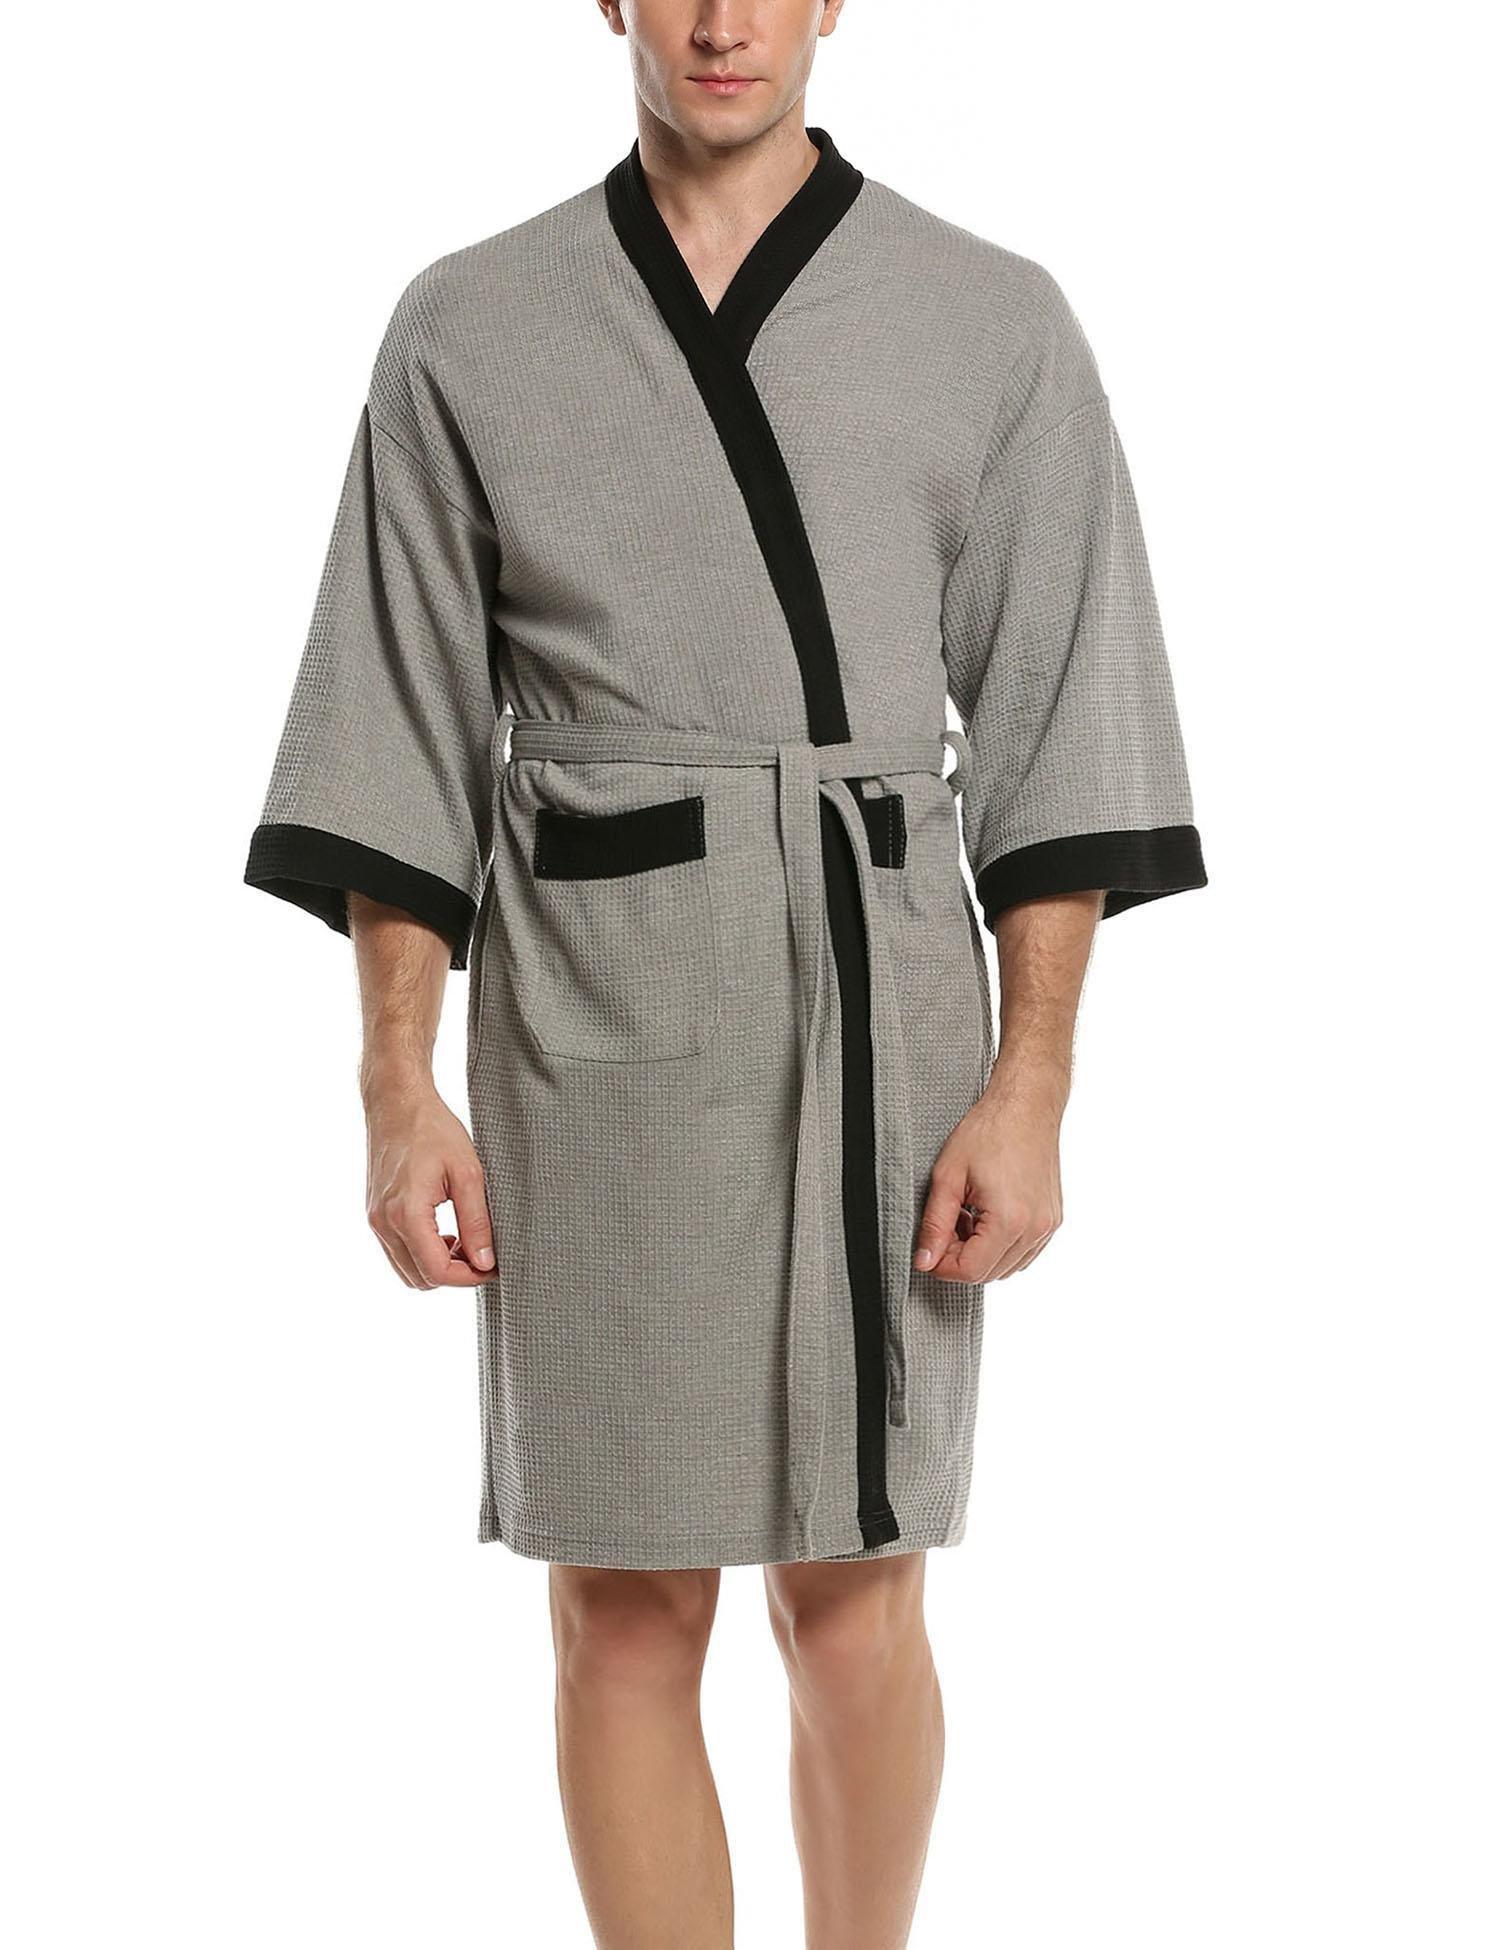 MAXMODA Men's Short Kimono Lightweight Bathrobe Grey Black XL